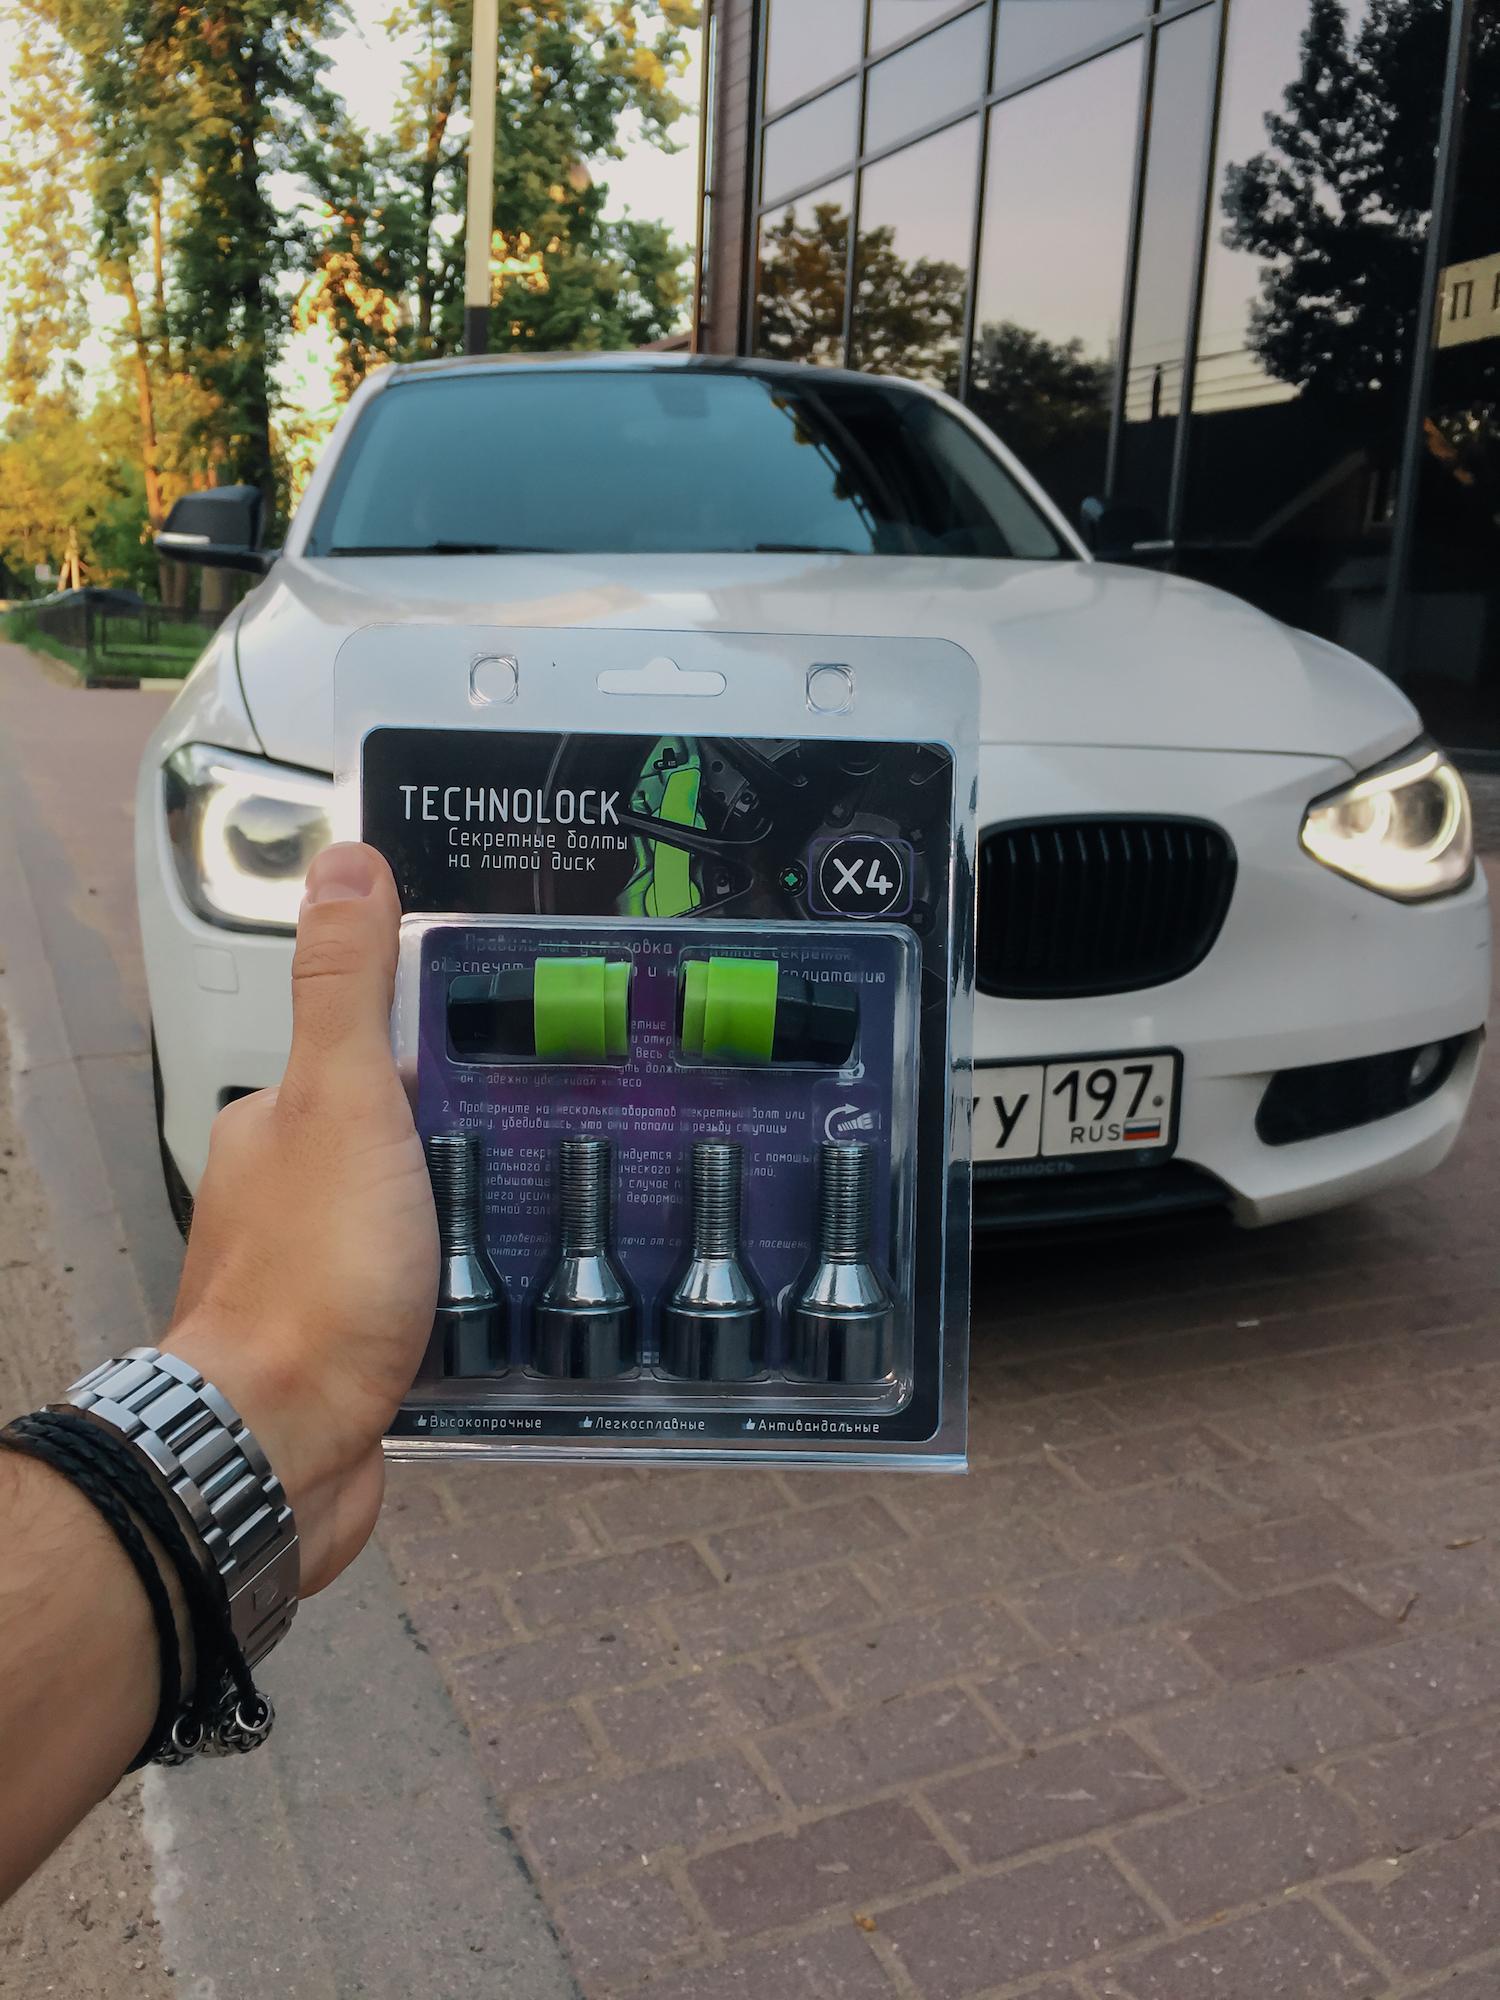 Секретные болты М14х1.25 TECHNOLOCK X4 на BMW 1-Series F20 1.6 турбо 170 л/с Stage 1